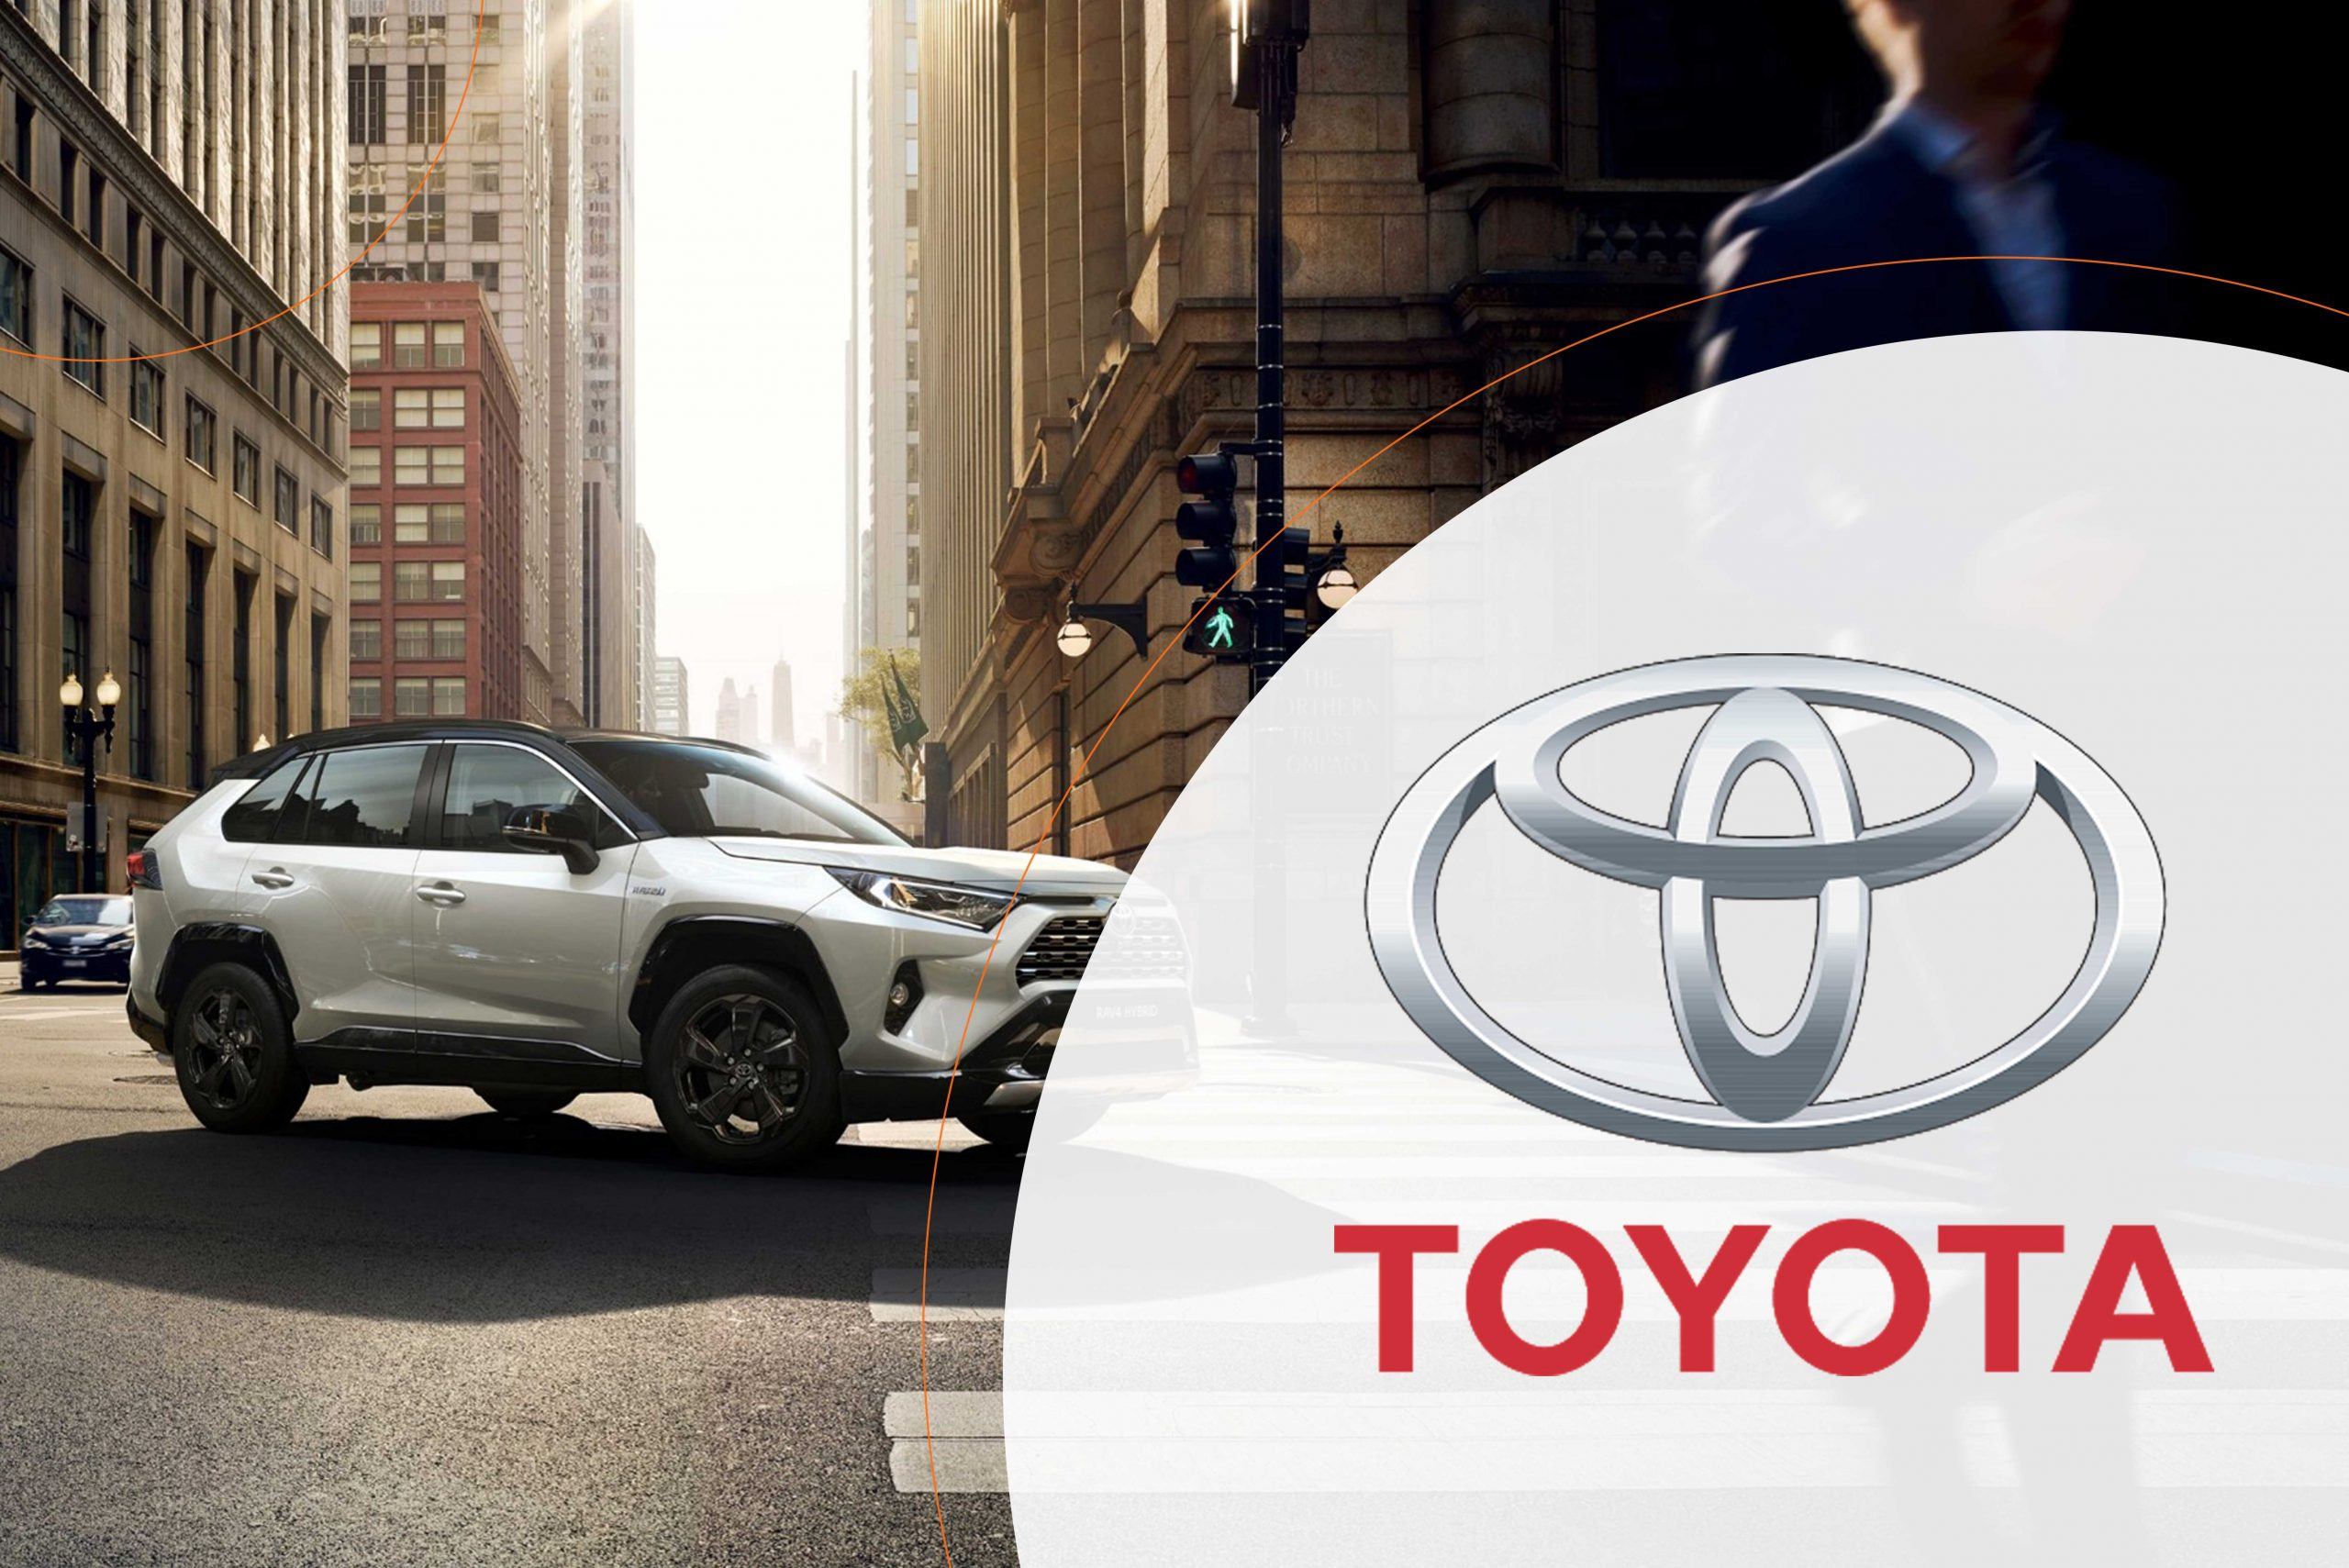 «Тойота-Україна» посилює співпрацю зі своїми дилерськими центрами, щоб краще обслуговувати клієнтів